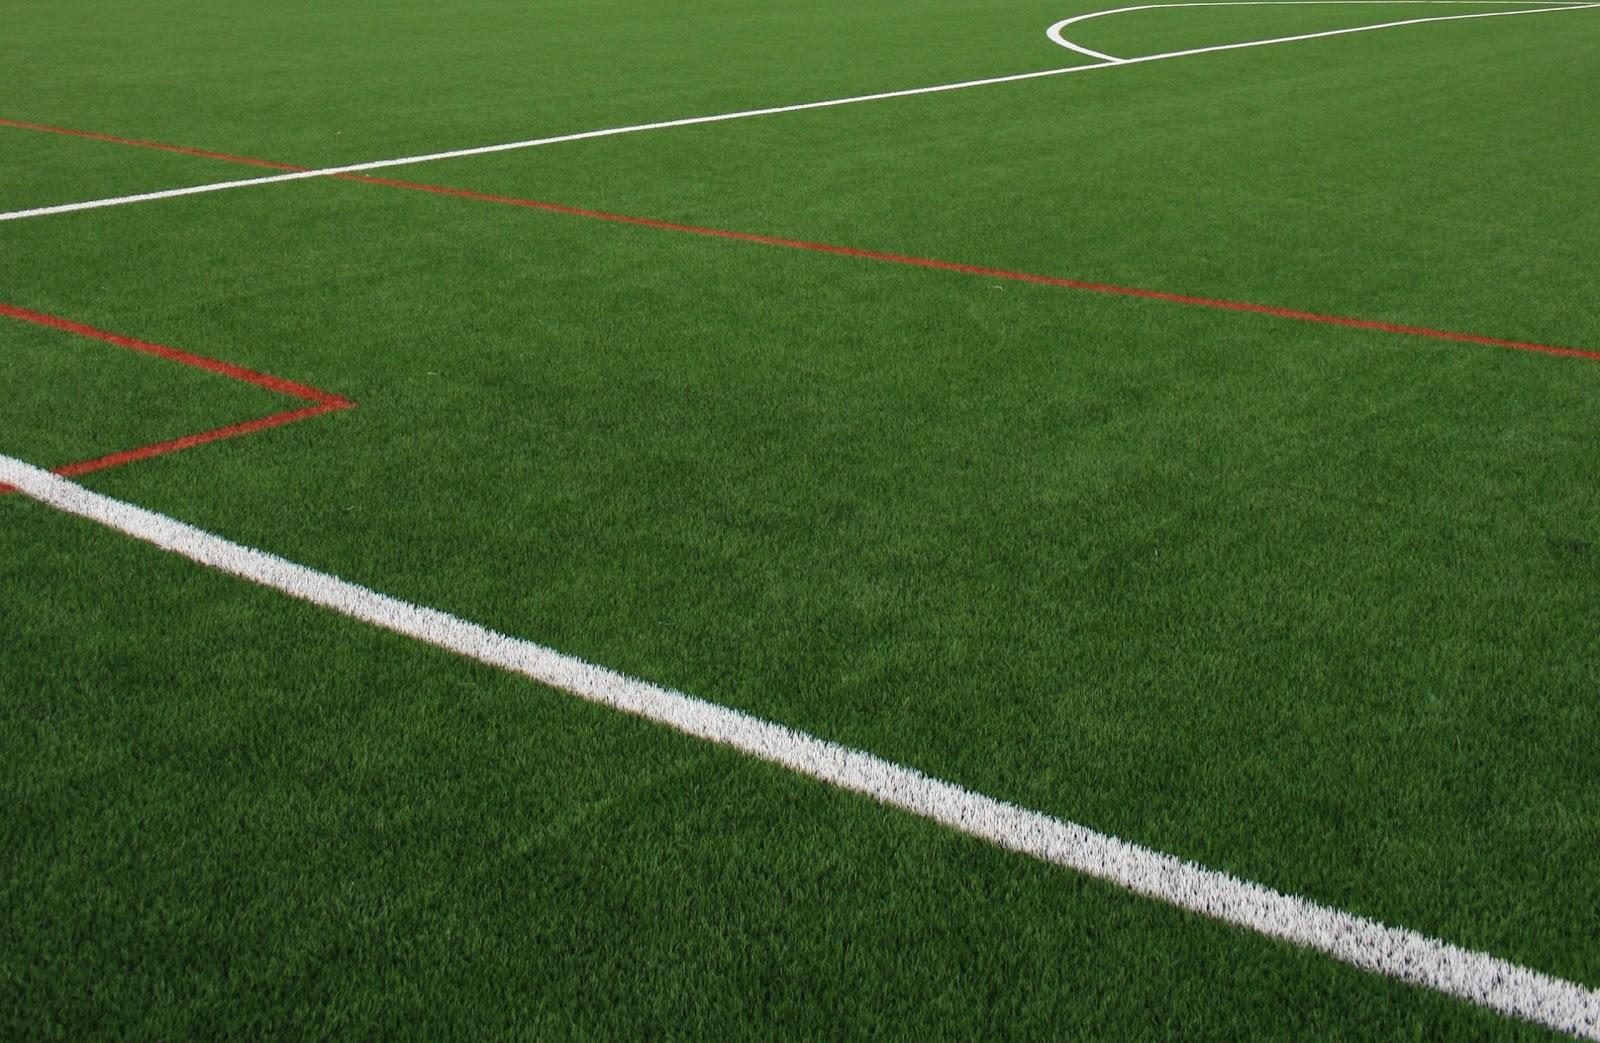 Buscar fotos campo de fútbol Fotolia